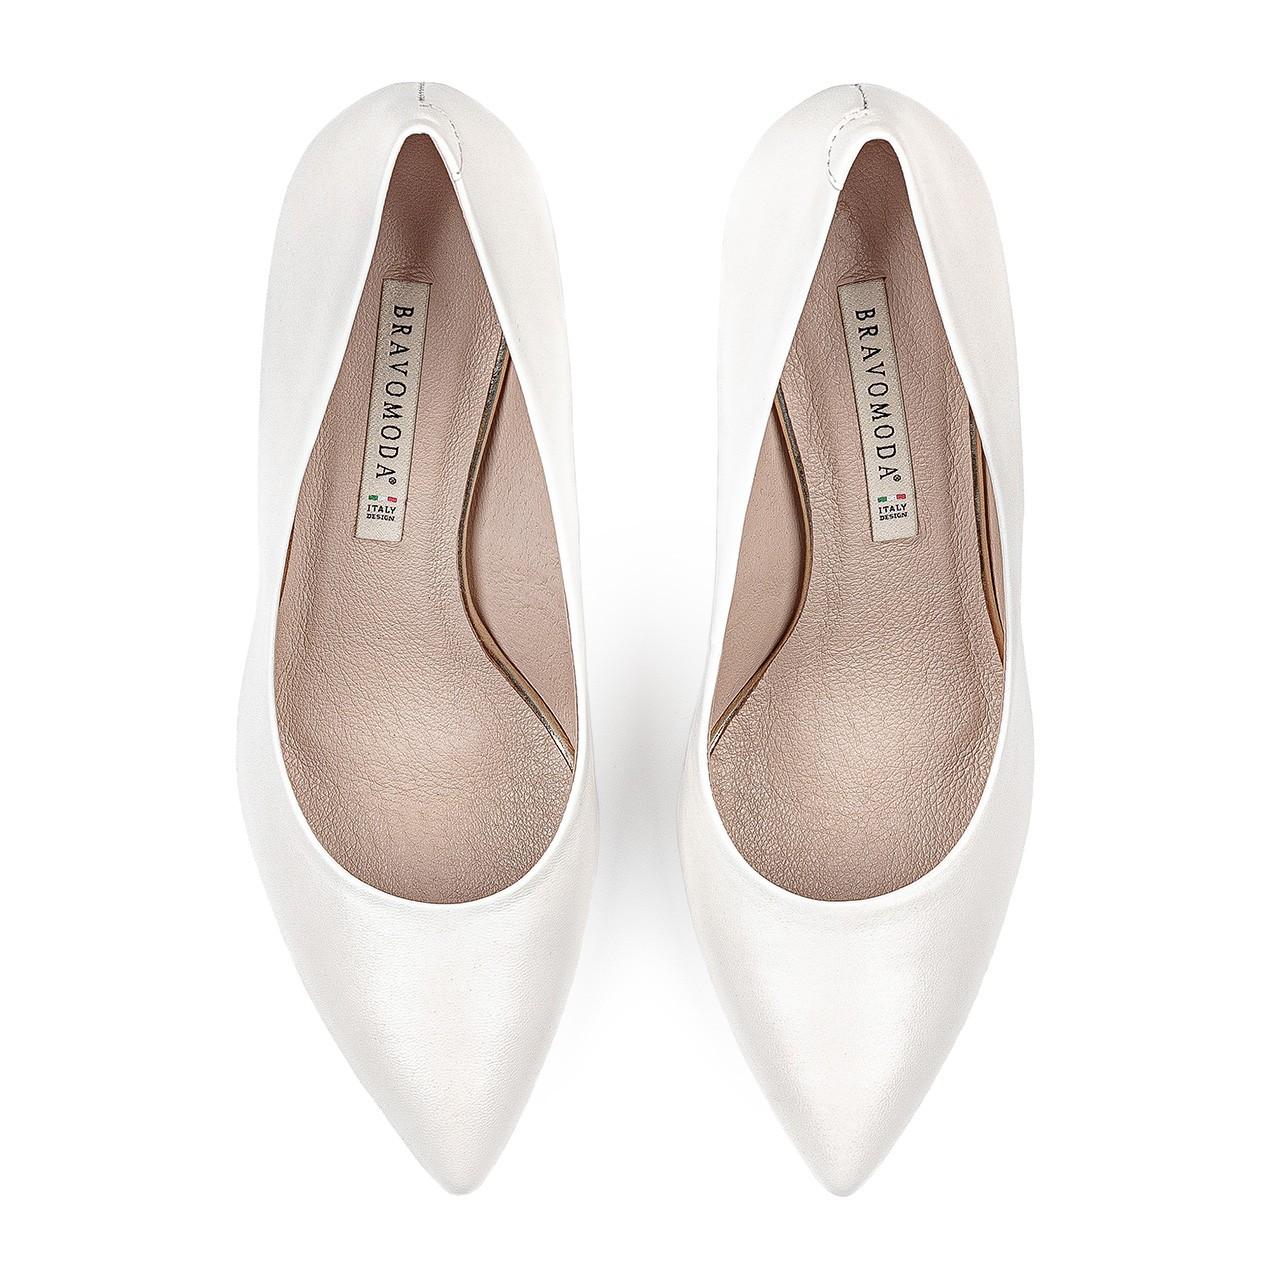 Skórzane buty ślubne na wysokim obcasie w białym kolorze